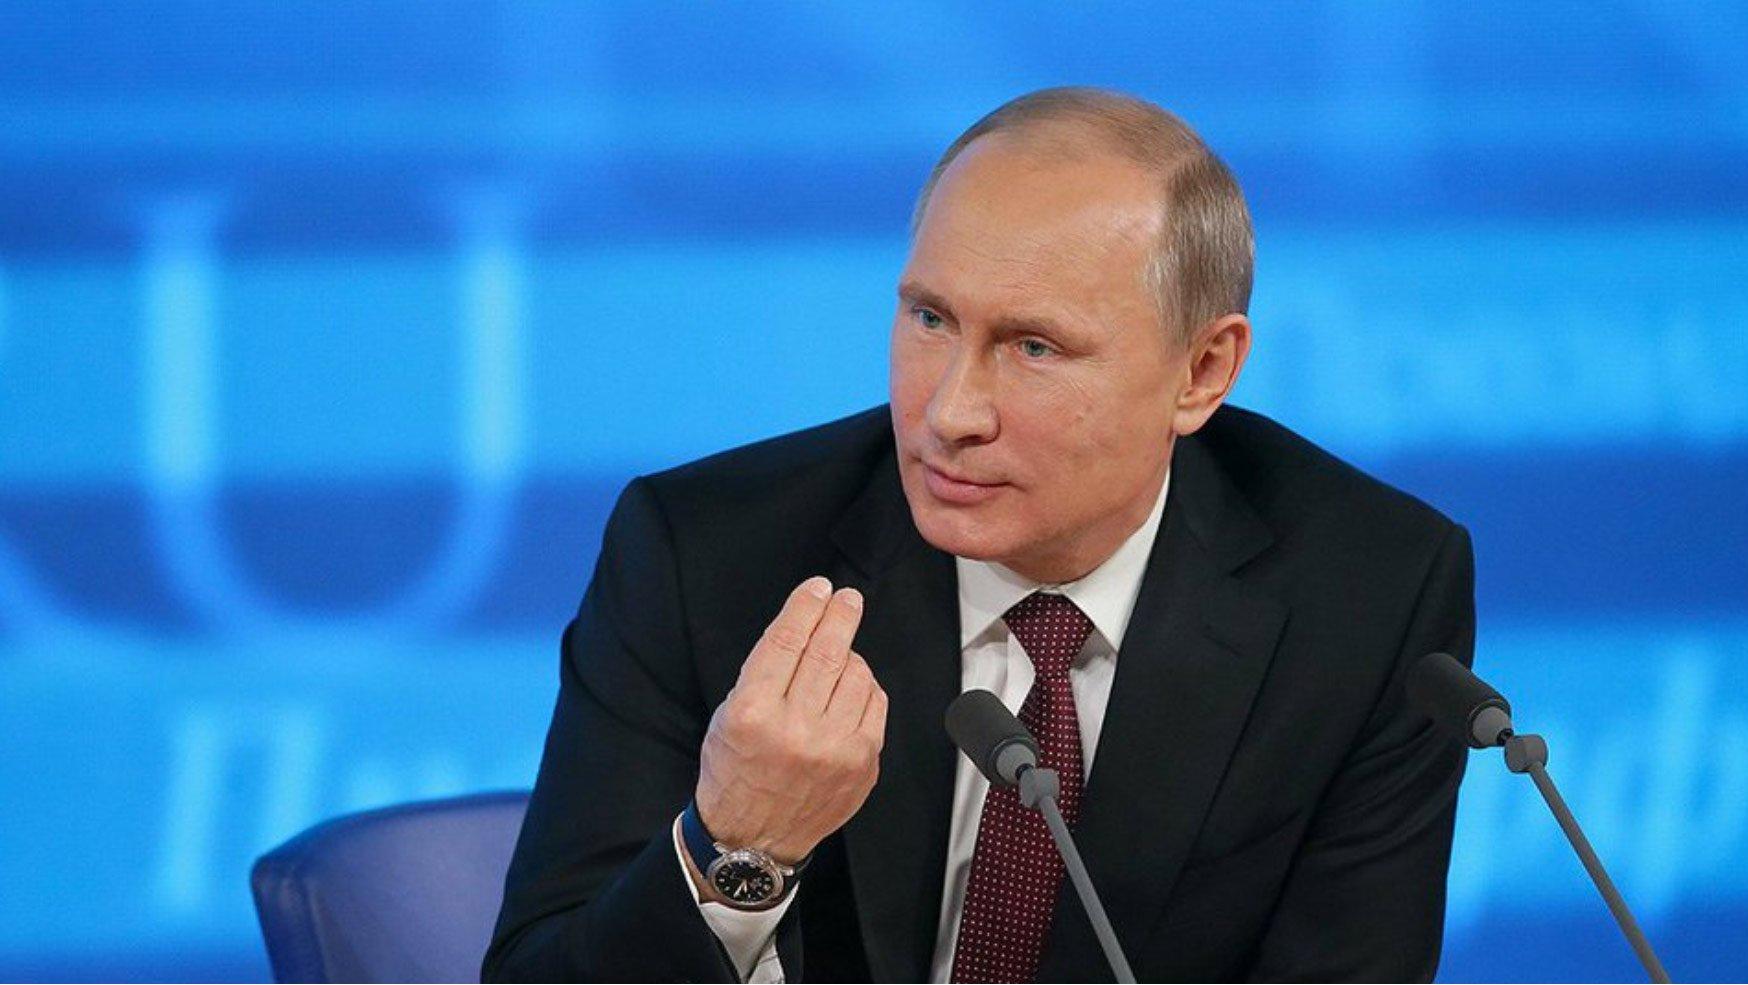 Генеральная прокуратура проверит Байкал на нелегальную экологическую деятельность